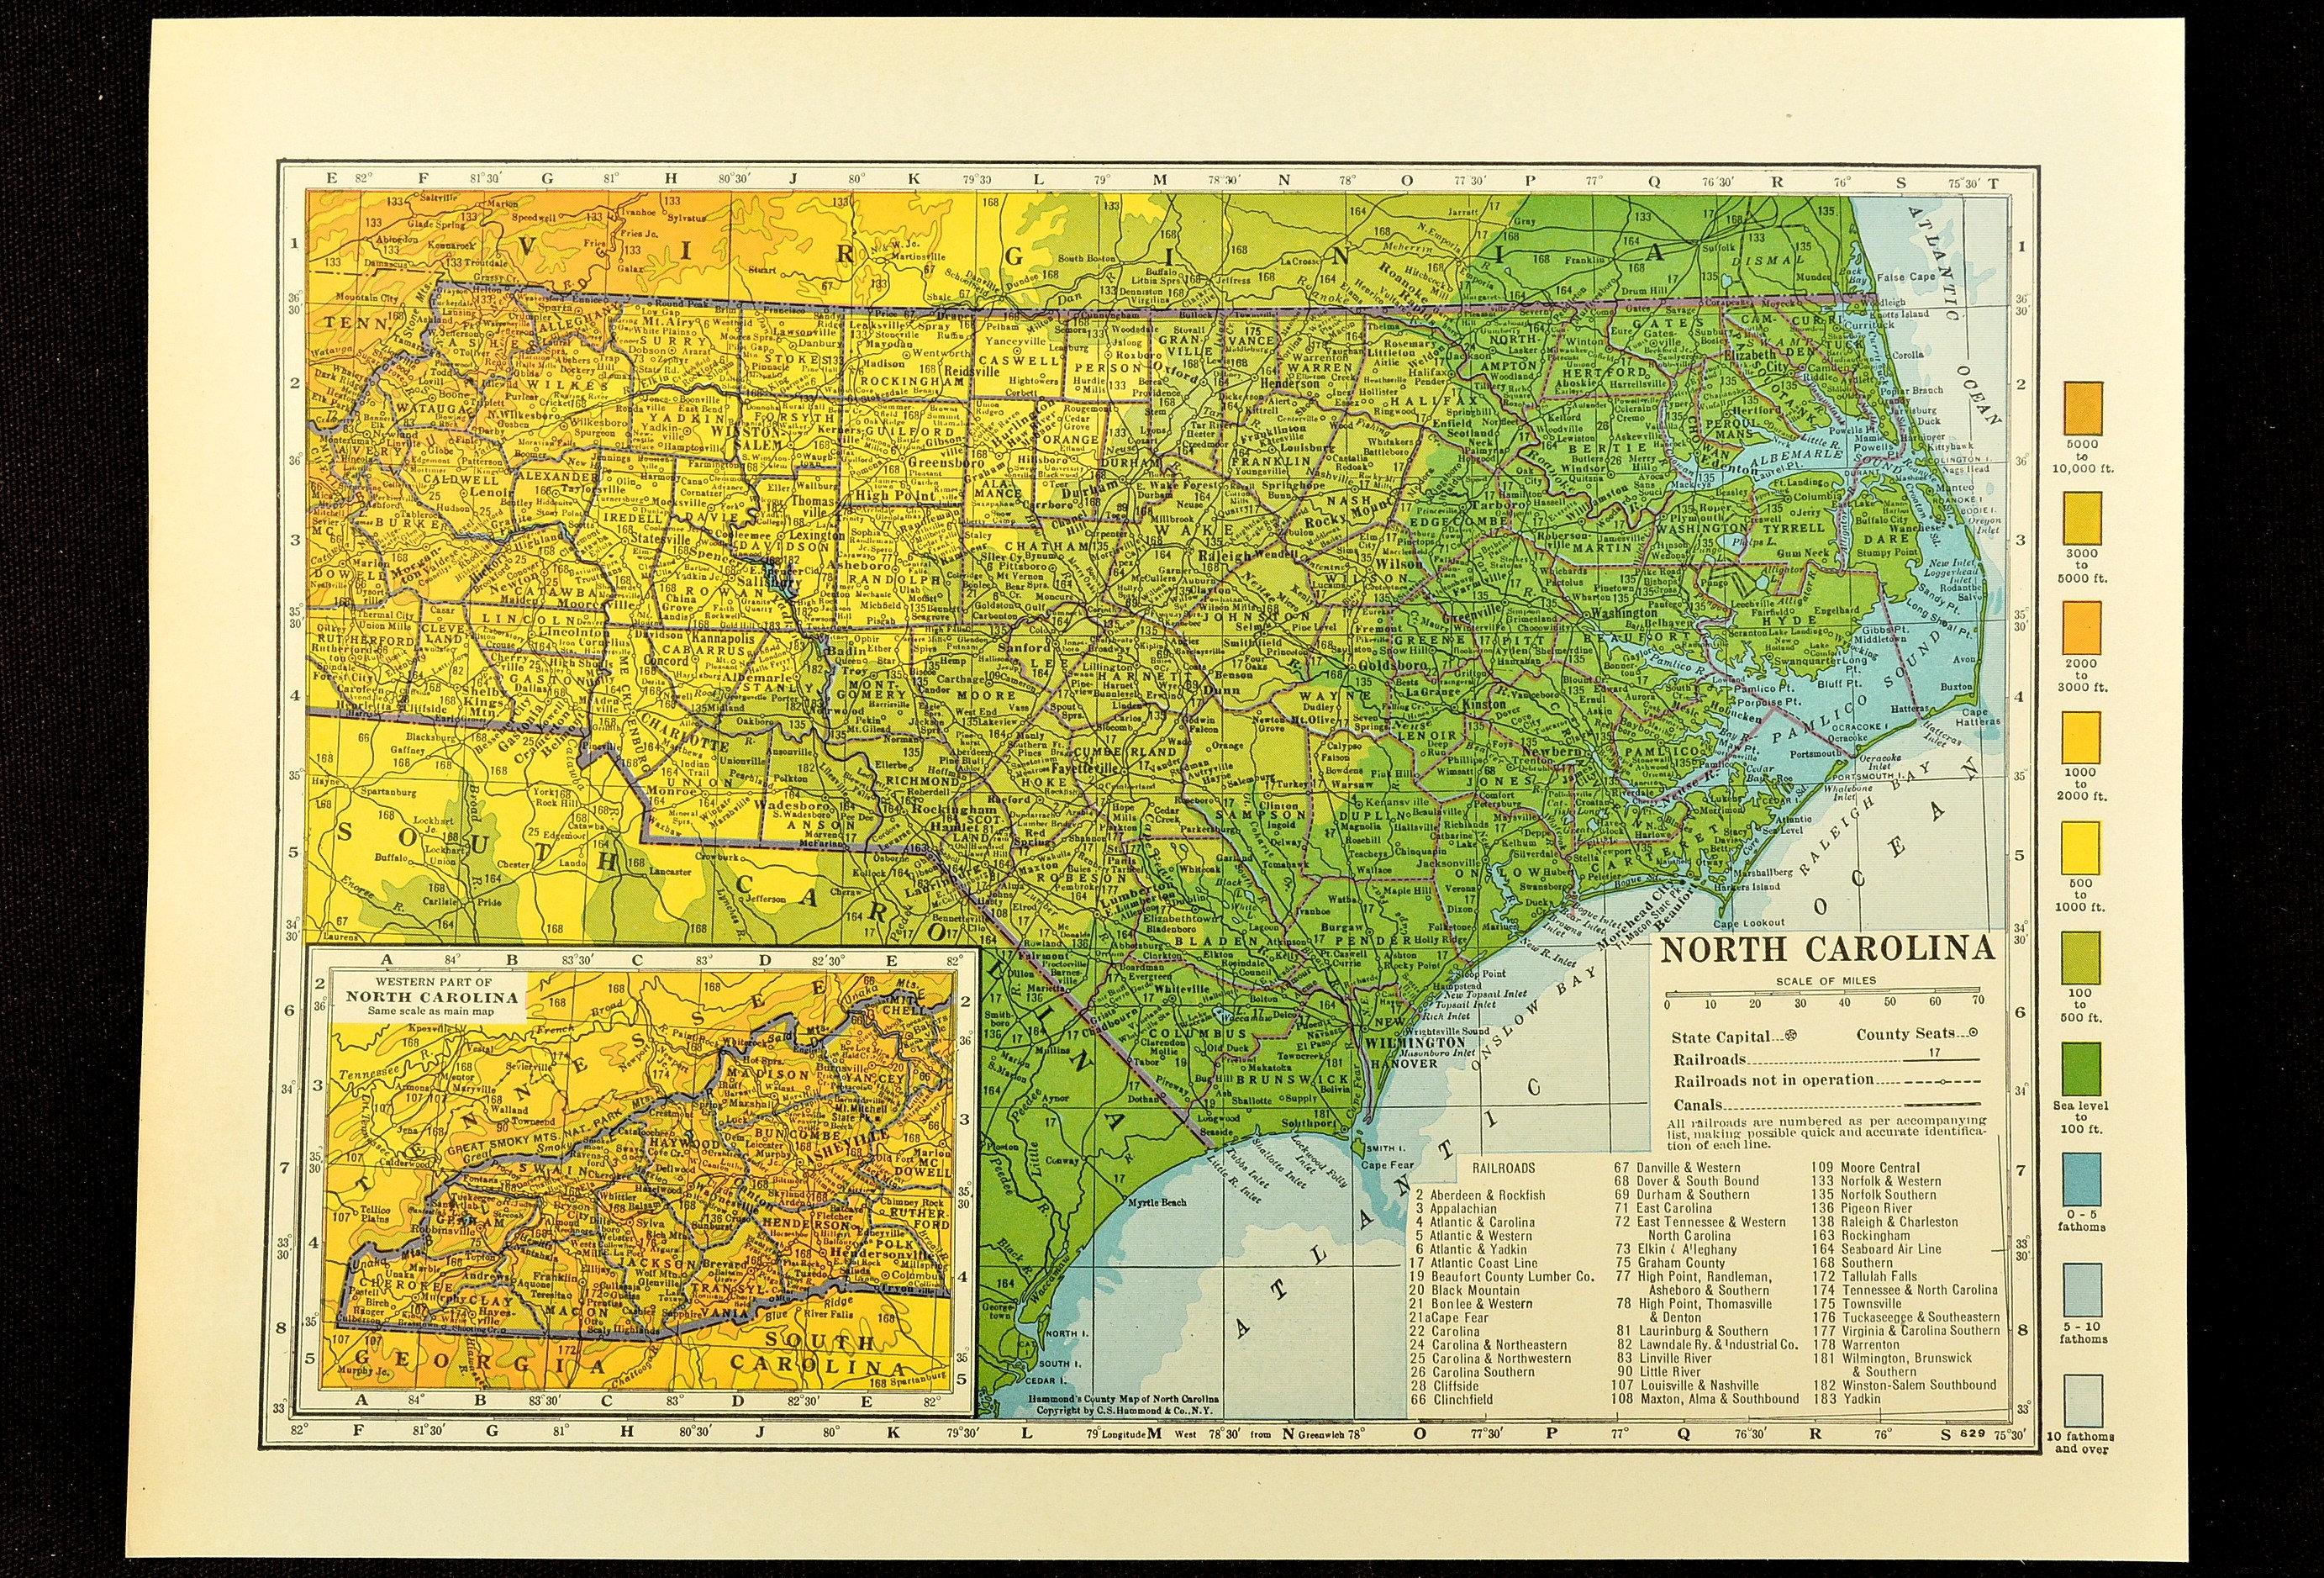 North Carolina Map Of North Carolina Topographic Map Wall Etsy